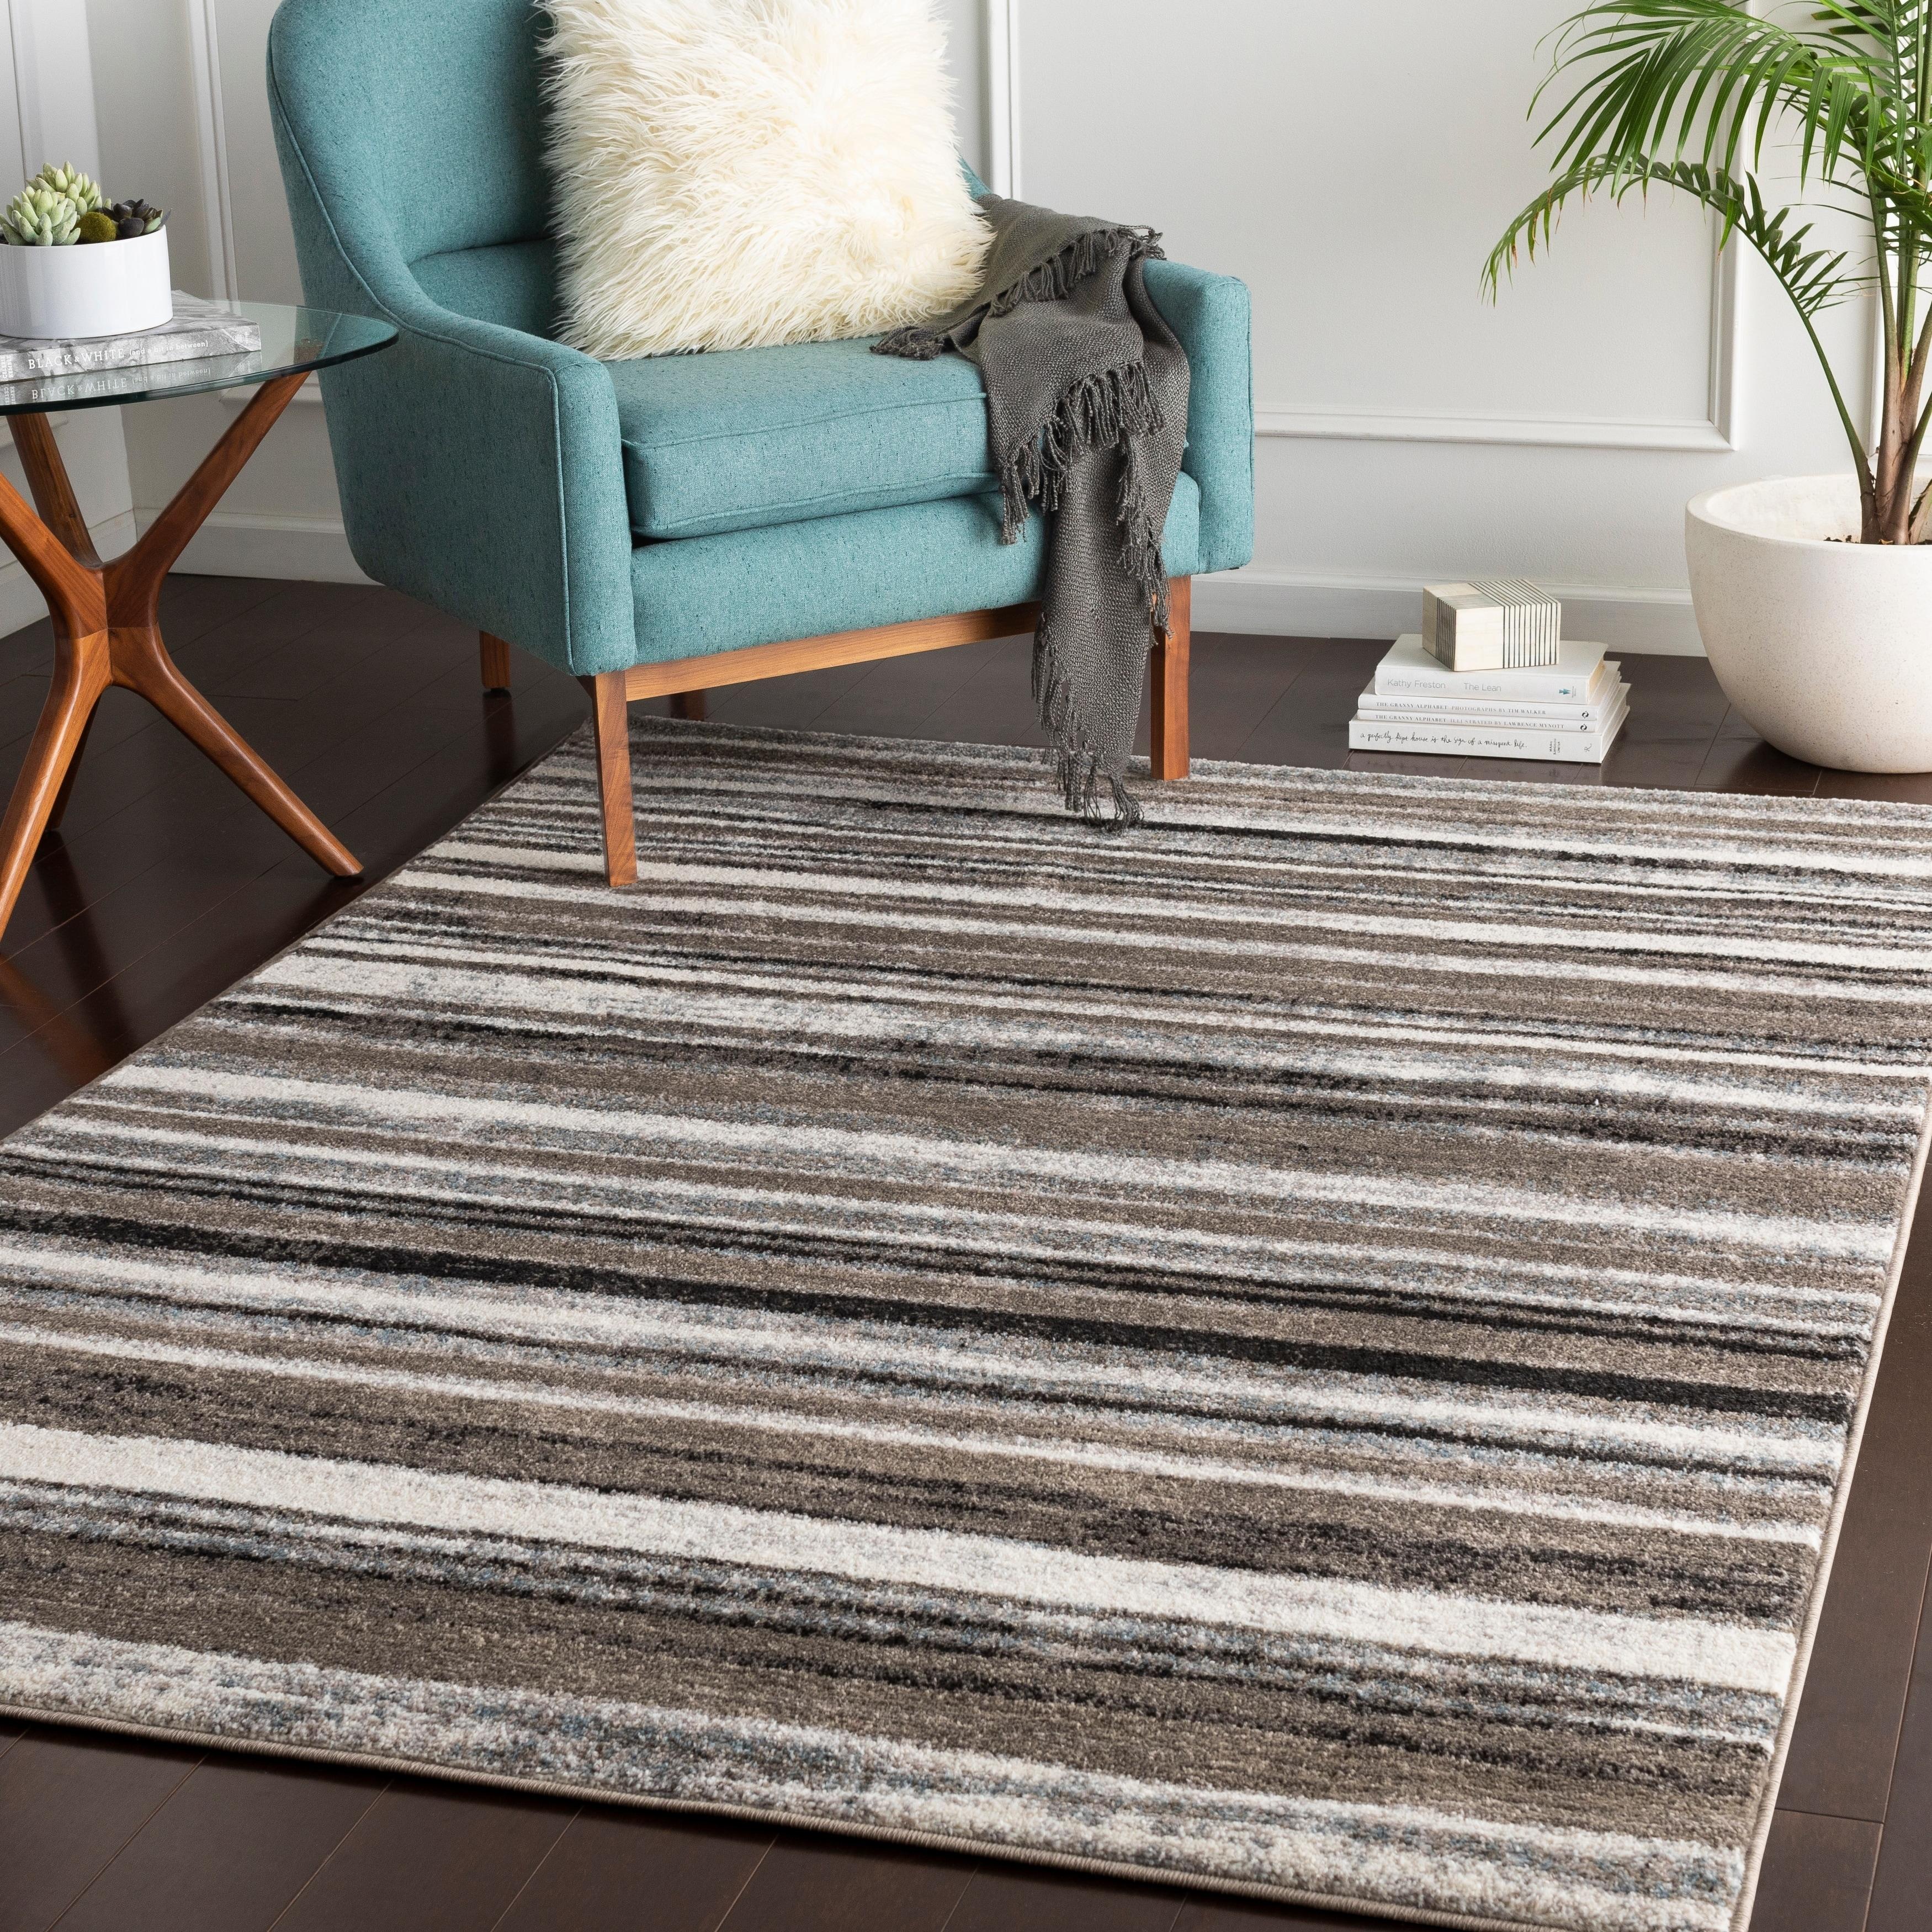 Elpidio Grey Modern Stripes Accent Rug